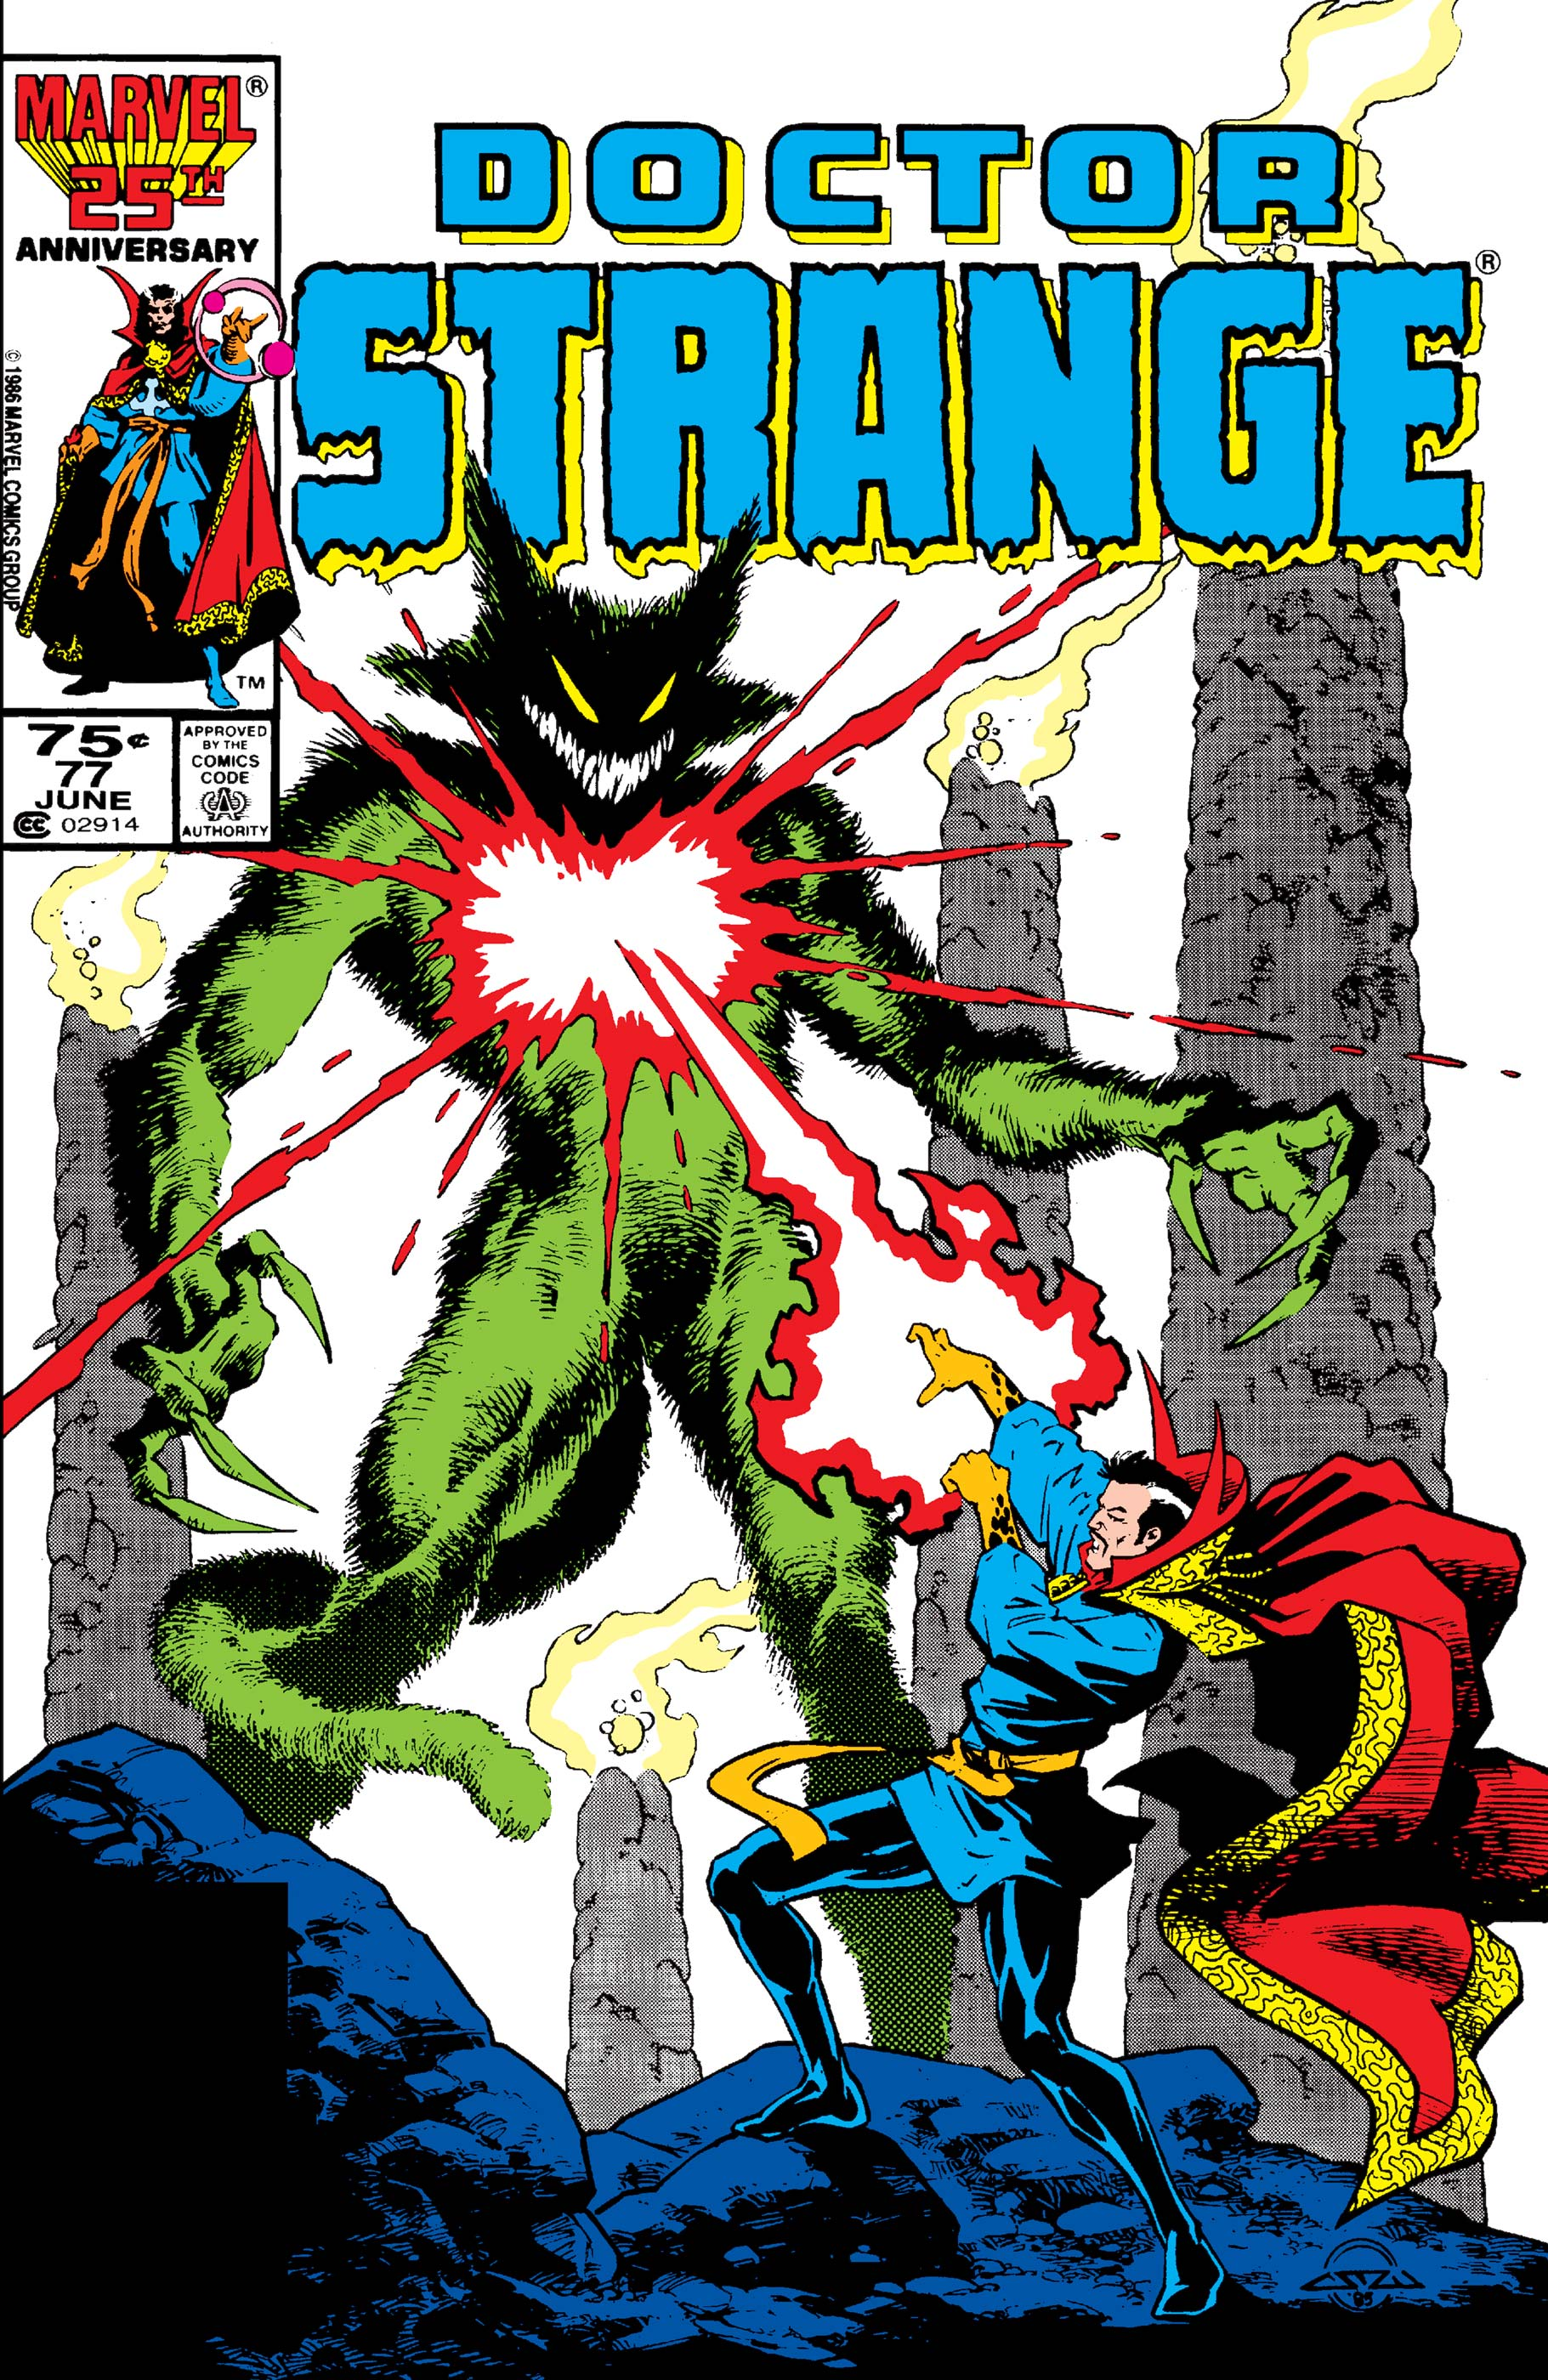 Doctor Strange (1974) #77